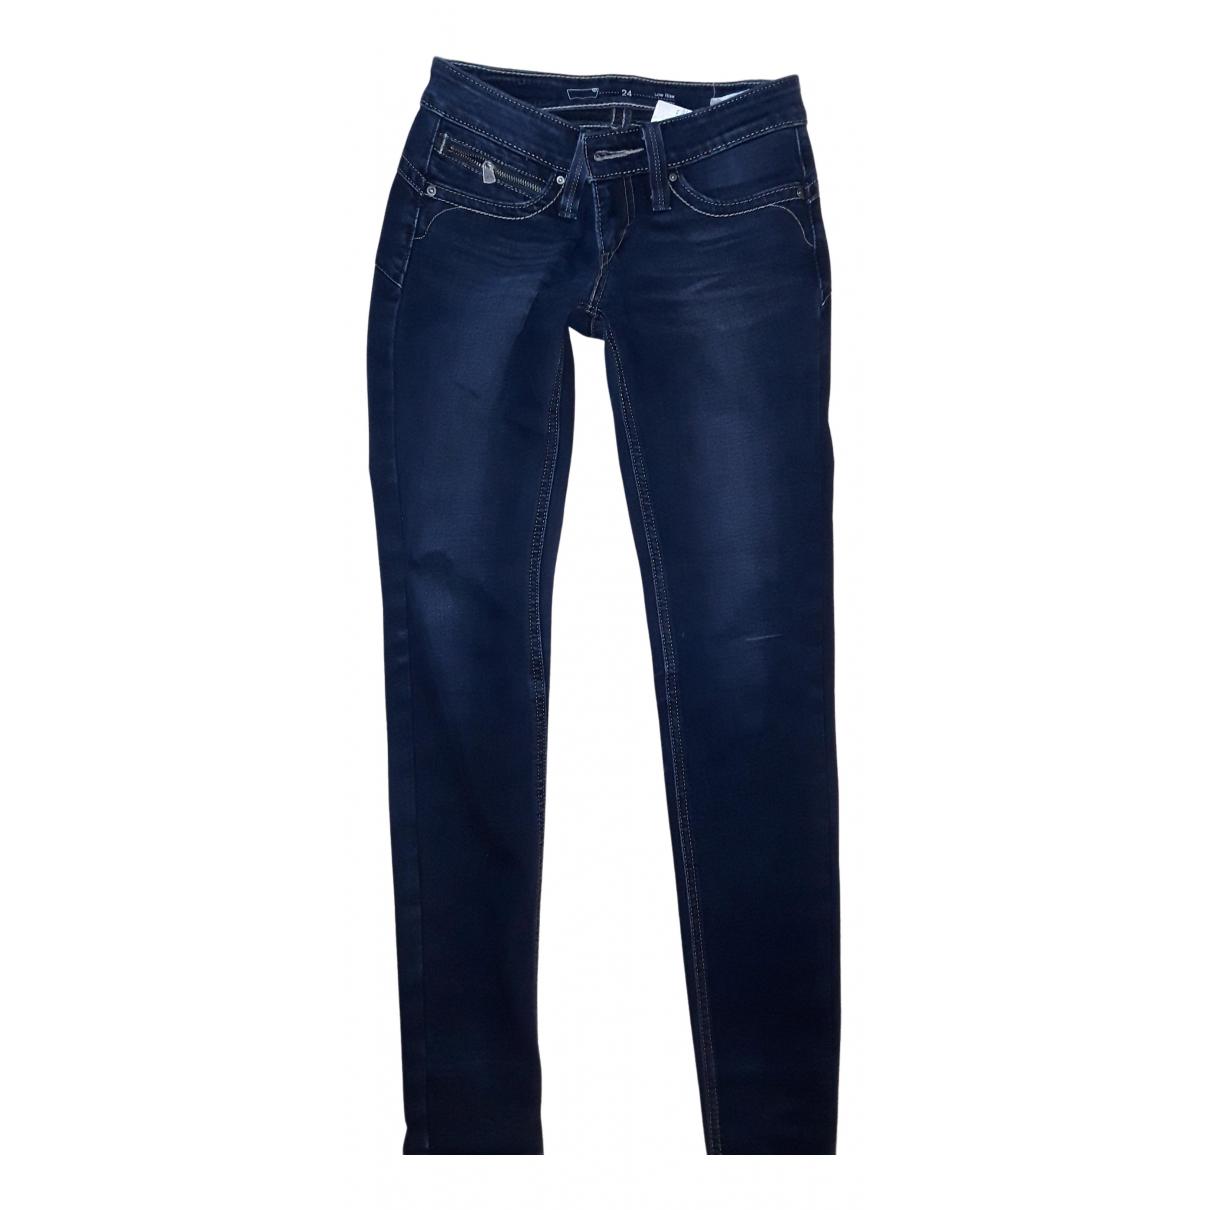 Levi's N Blue Cotton Jeans for Women 24 US